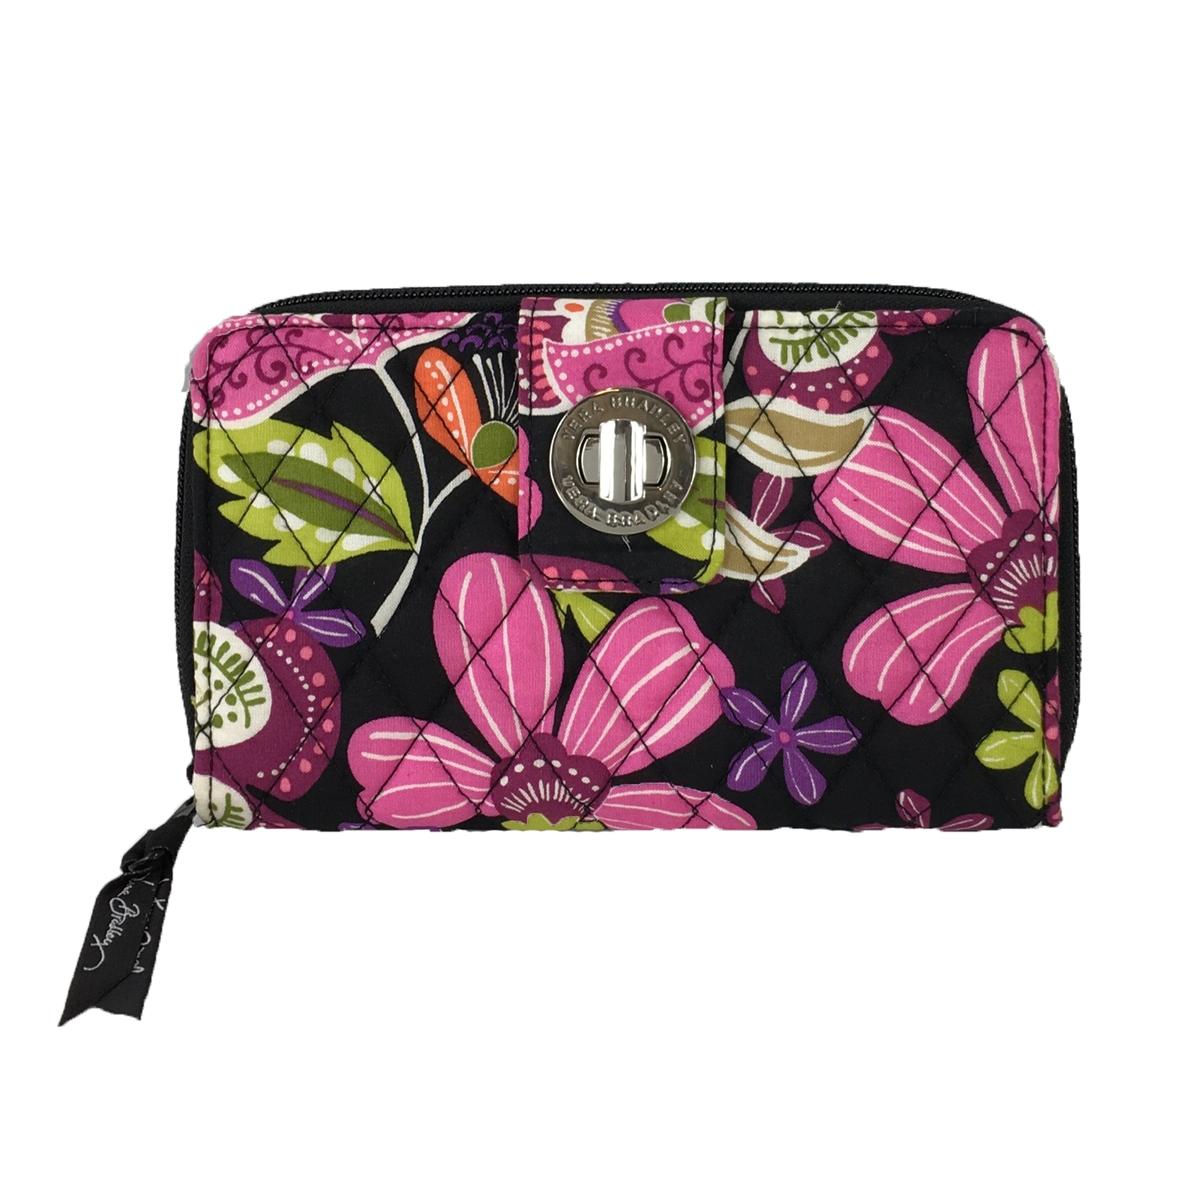 Vera Bradley Turnlock Wallet, Pirouette Pink